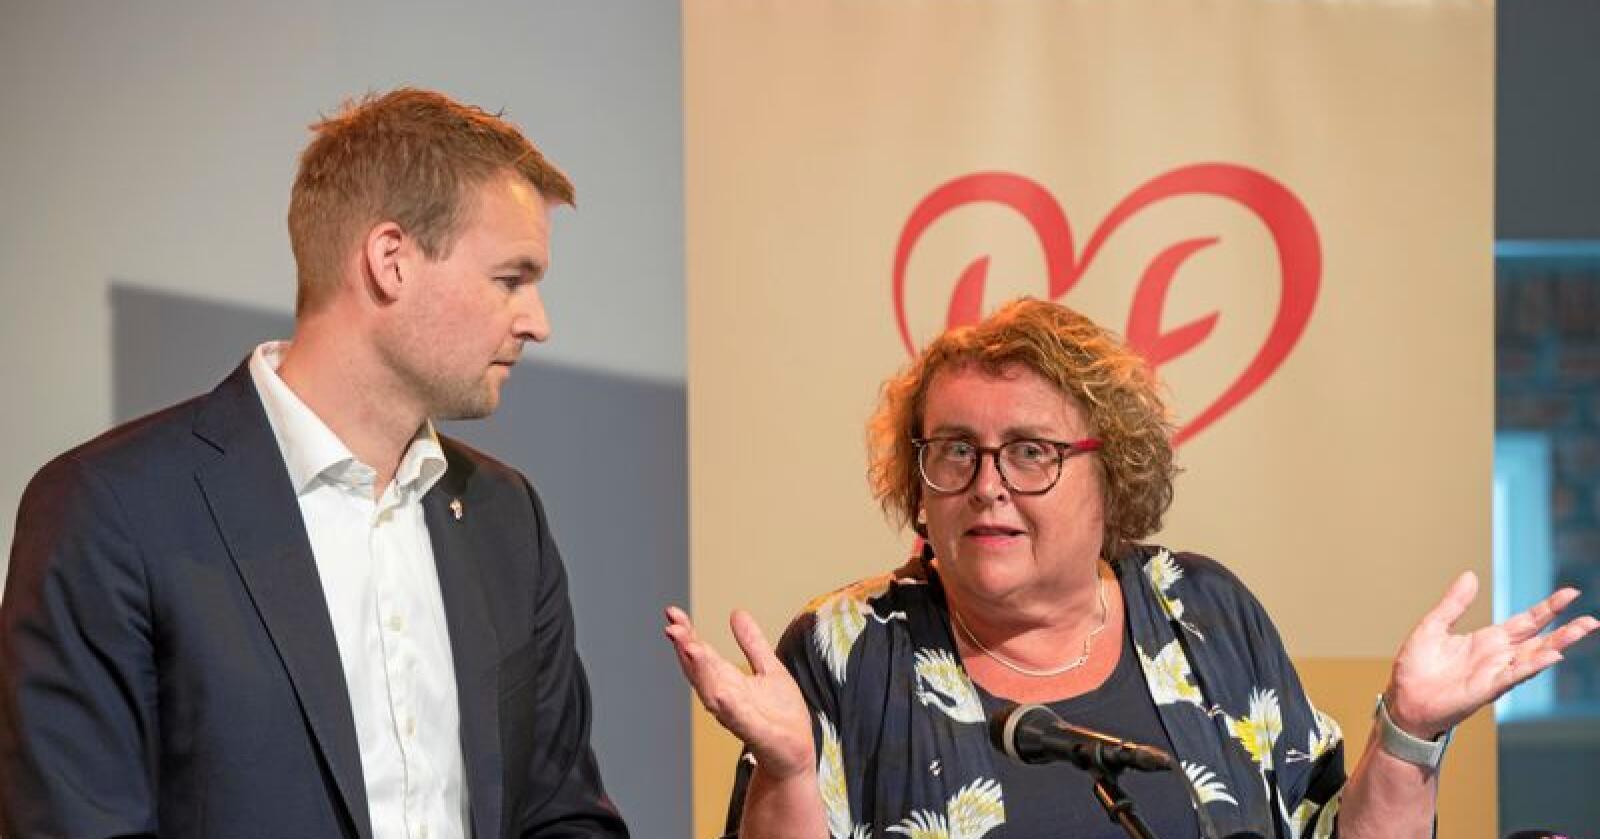 Olaug Bollestad, her med KrF-leder Kjell Ingolf Ropstad, forstår ikke hva Sp-politiker Geir Pollestads pelsbondeplan er, skriver hun. Foto: Vidar Ruud / NTB scanpix